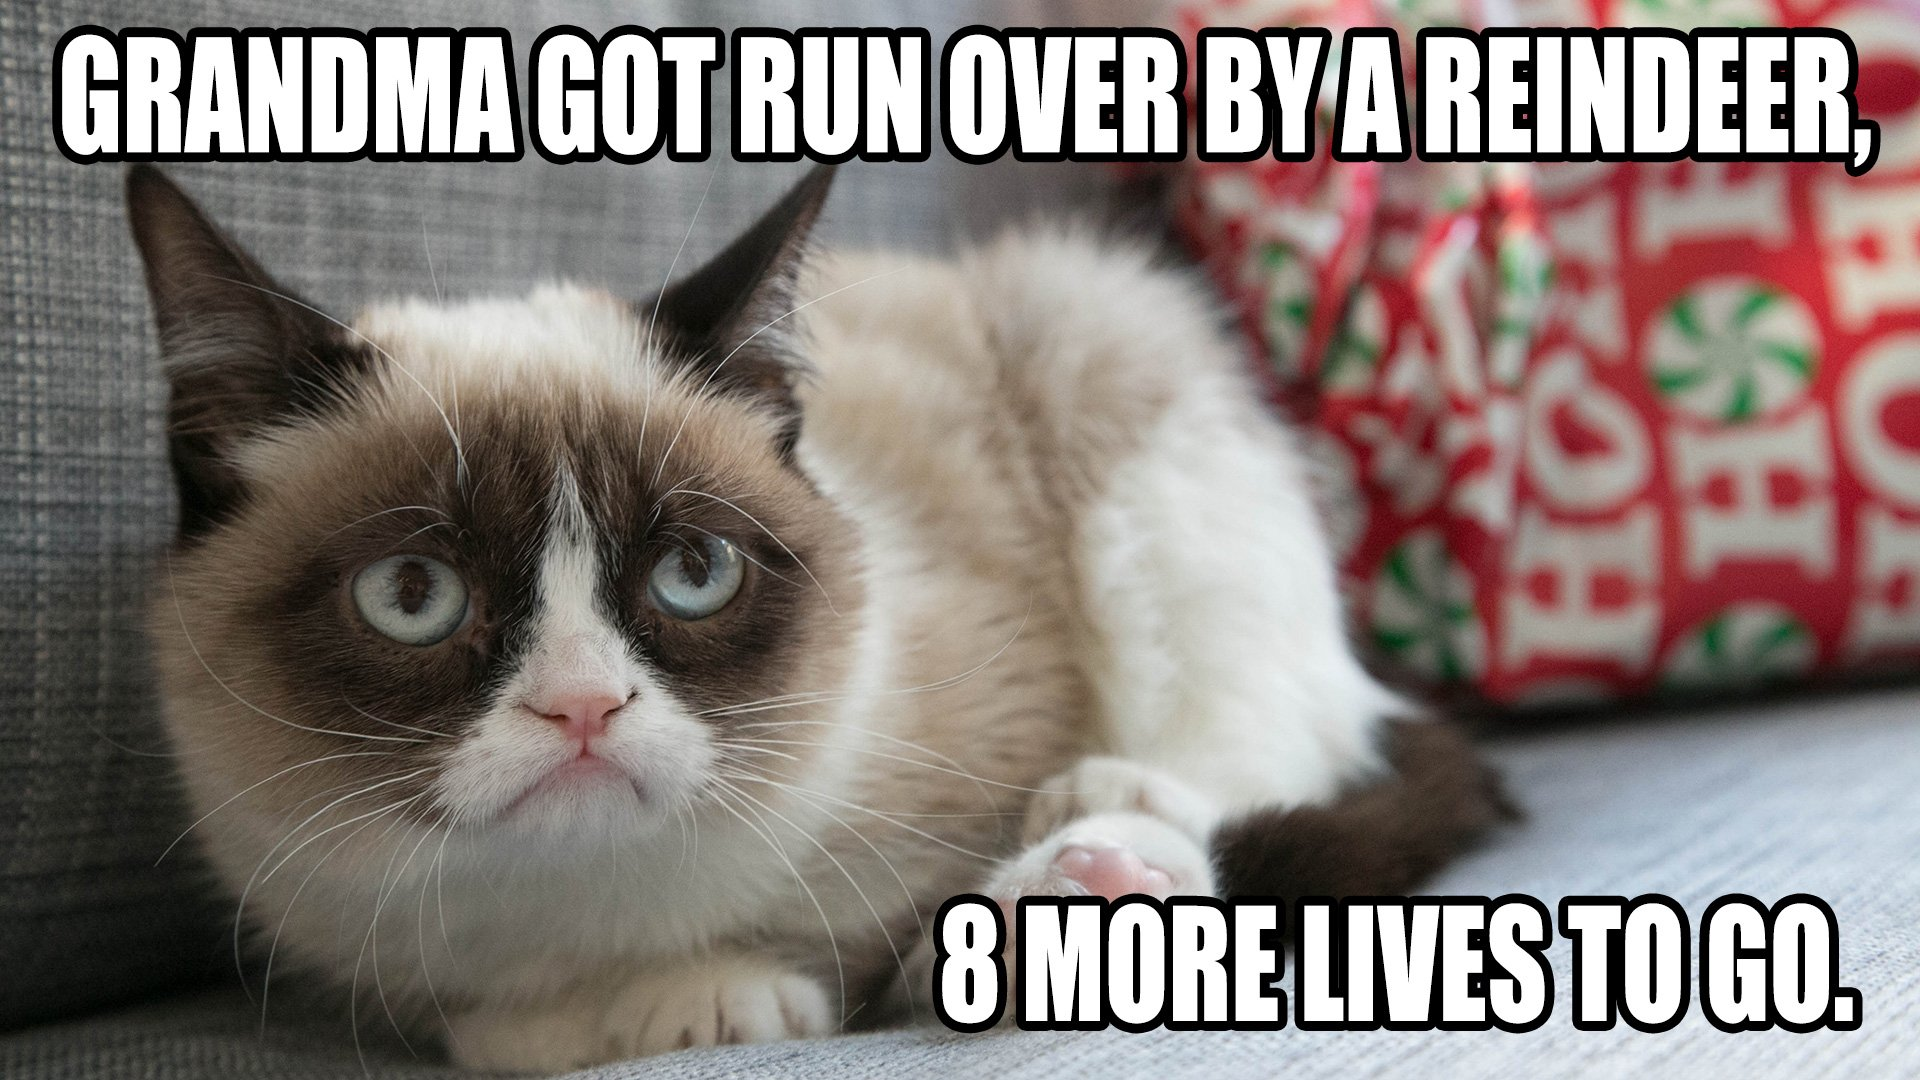 Cat meme quote funny humor grumpy (7) wallpaper ...